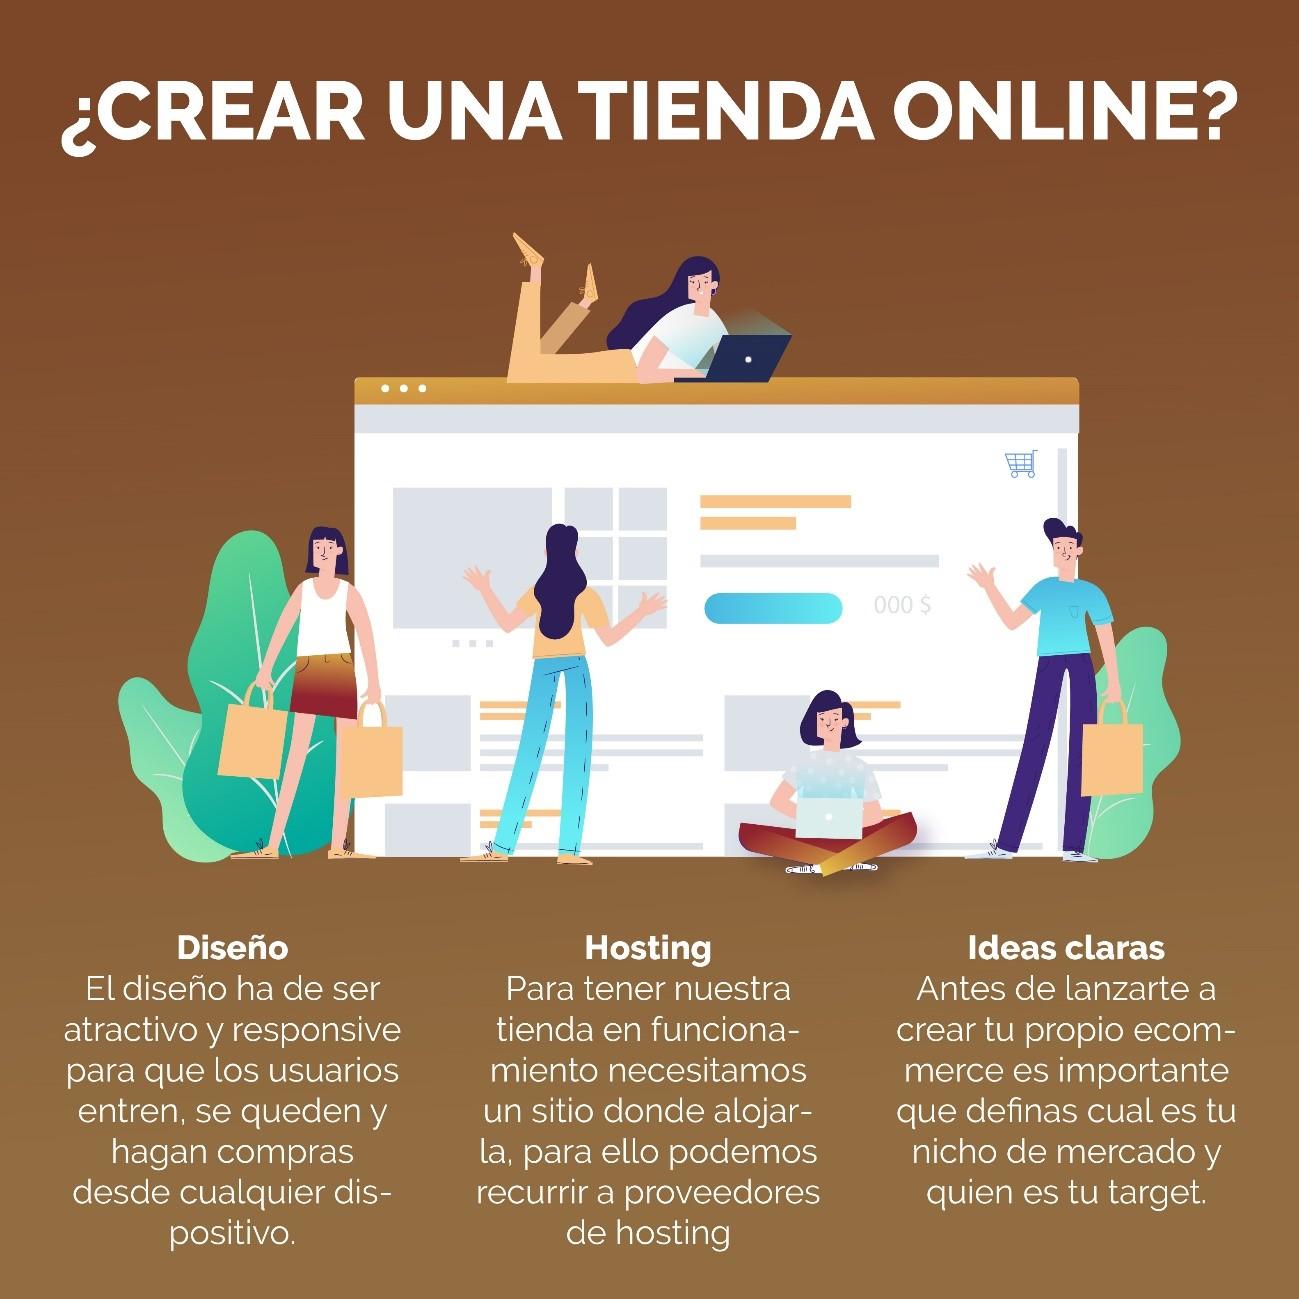 Gráfico sobre como crear una tienda online